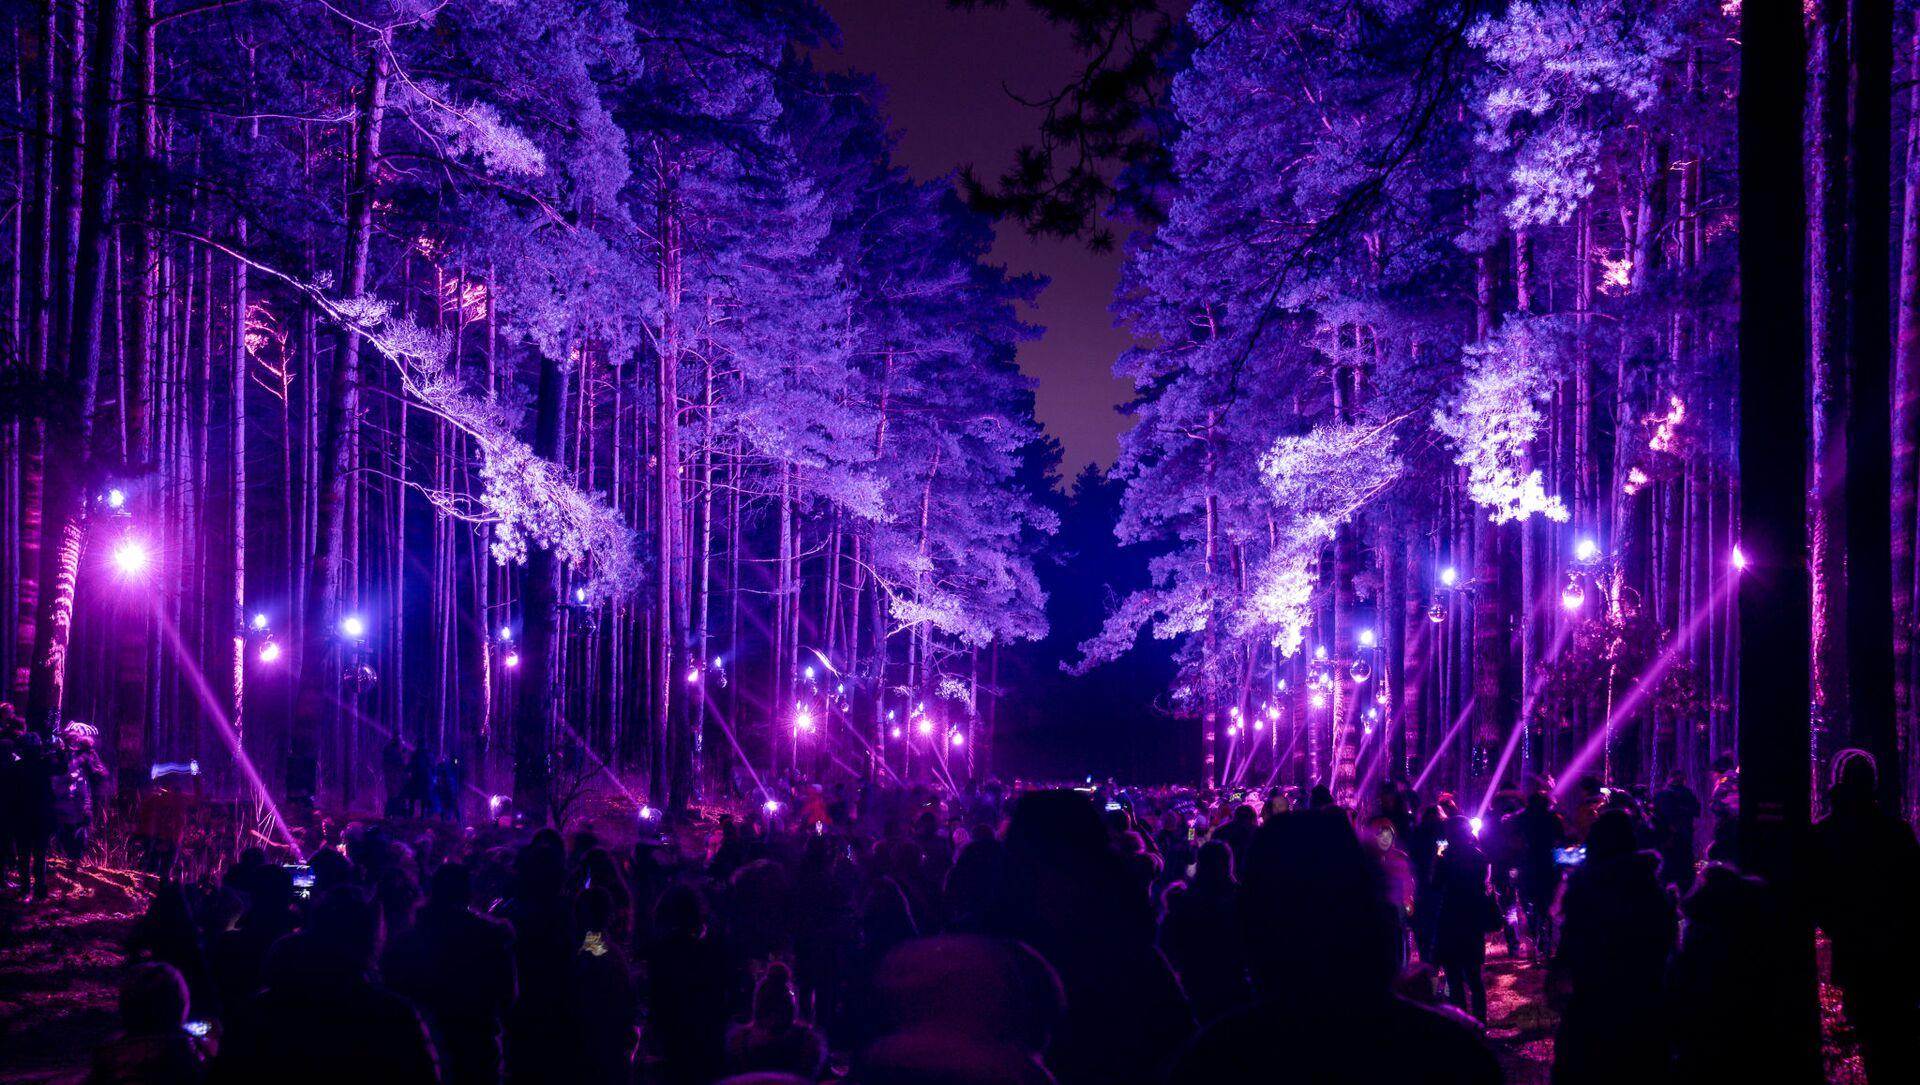 Световая инсталляция  «В саду Зазеркалья» в Бикерниекском лесу бьет рекорды посещаемости - Sputnik Латвия, 1920, 22.05.2021